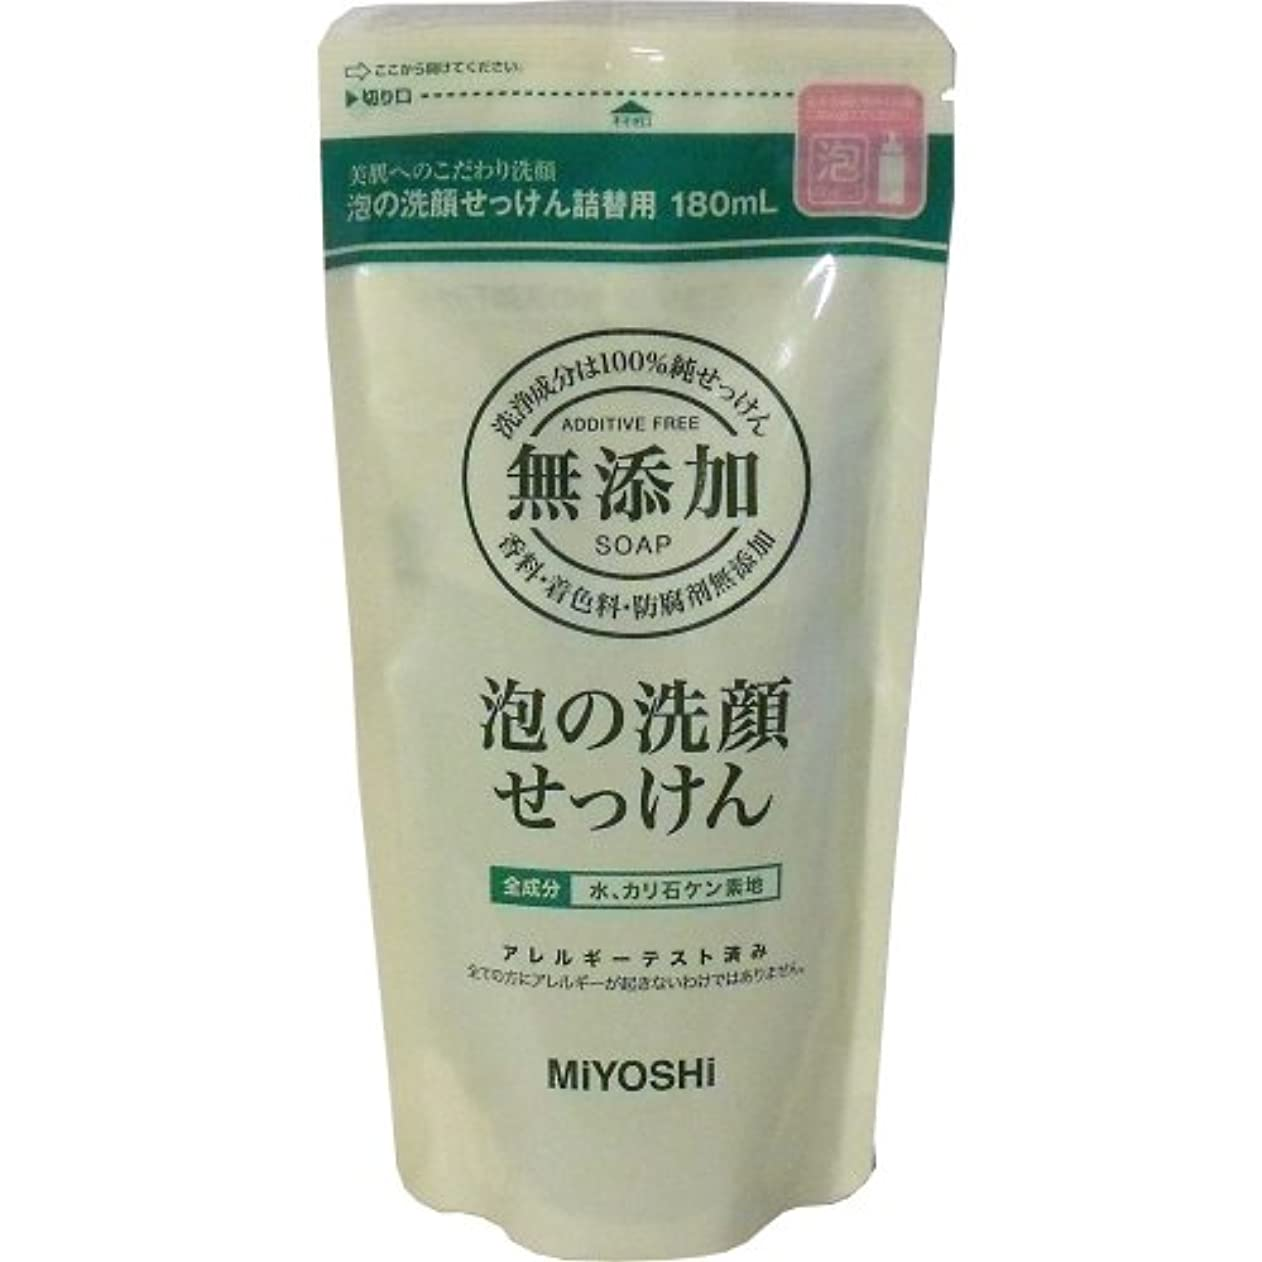 眼ブーム全部【まとめ買い】無添加泡の洗顔せっけん 詰替180ml ×2セット